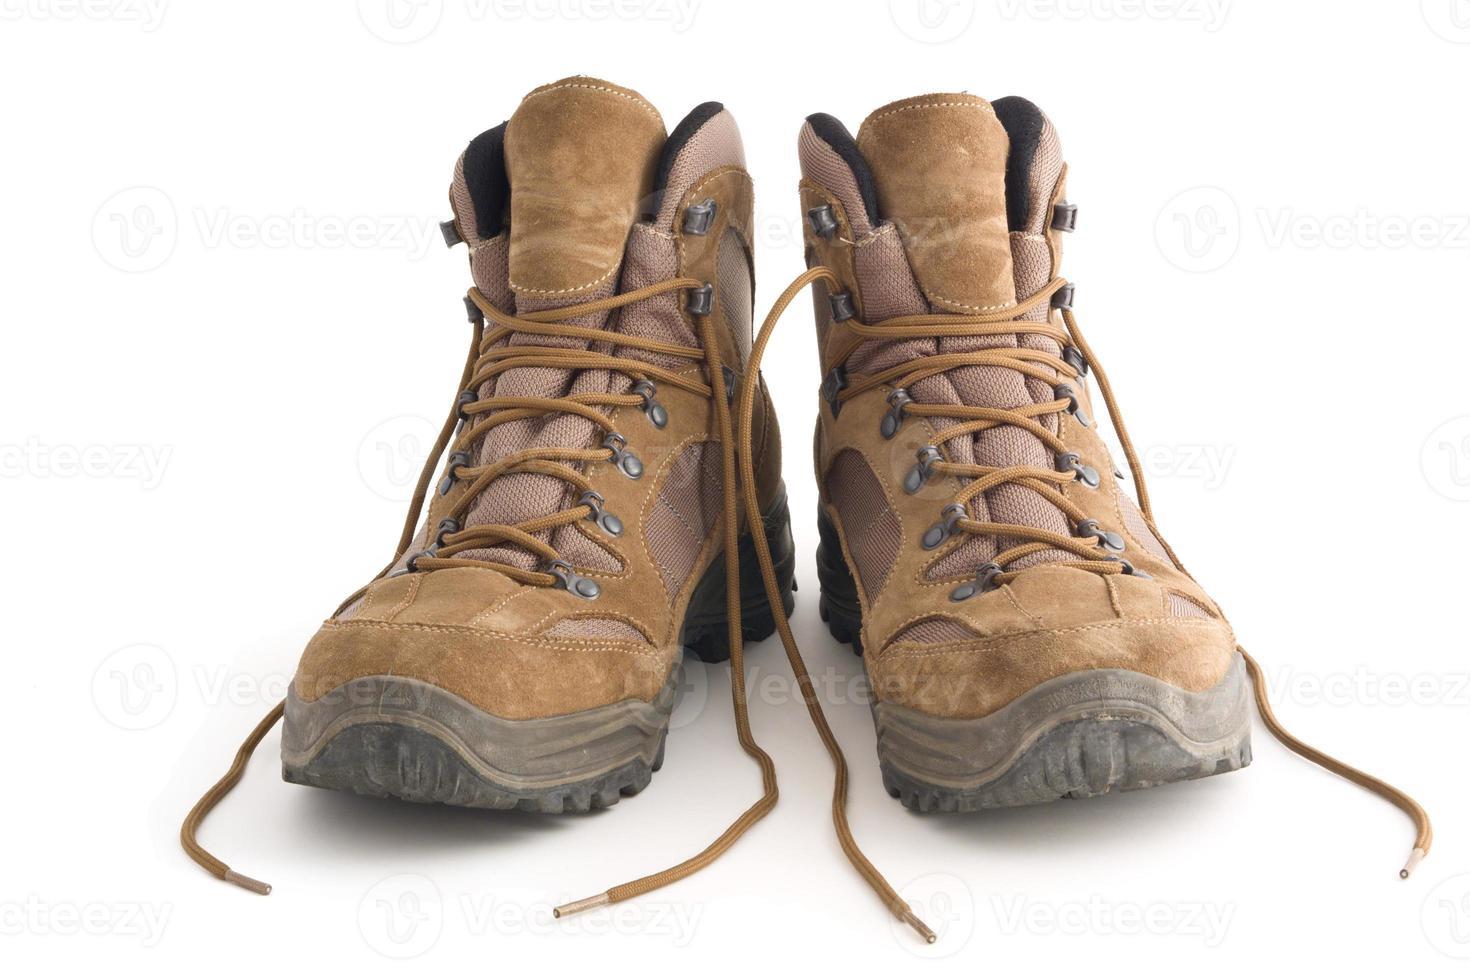 scarpe da trekking foto